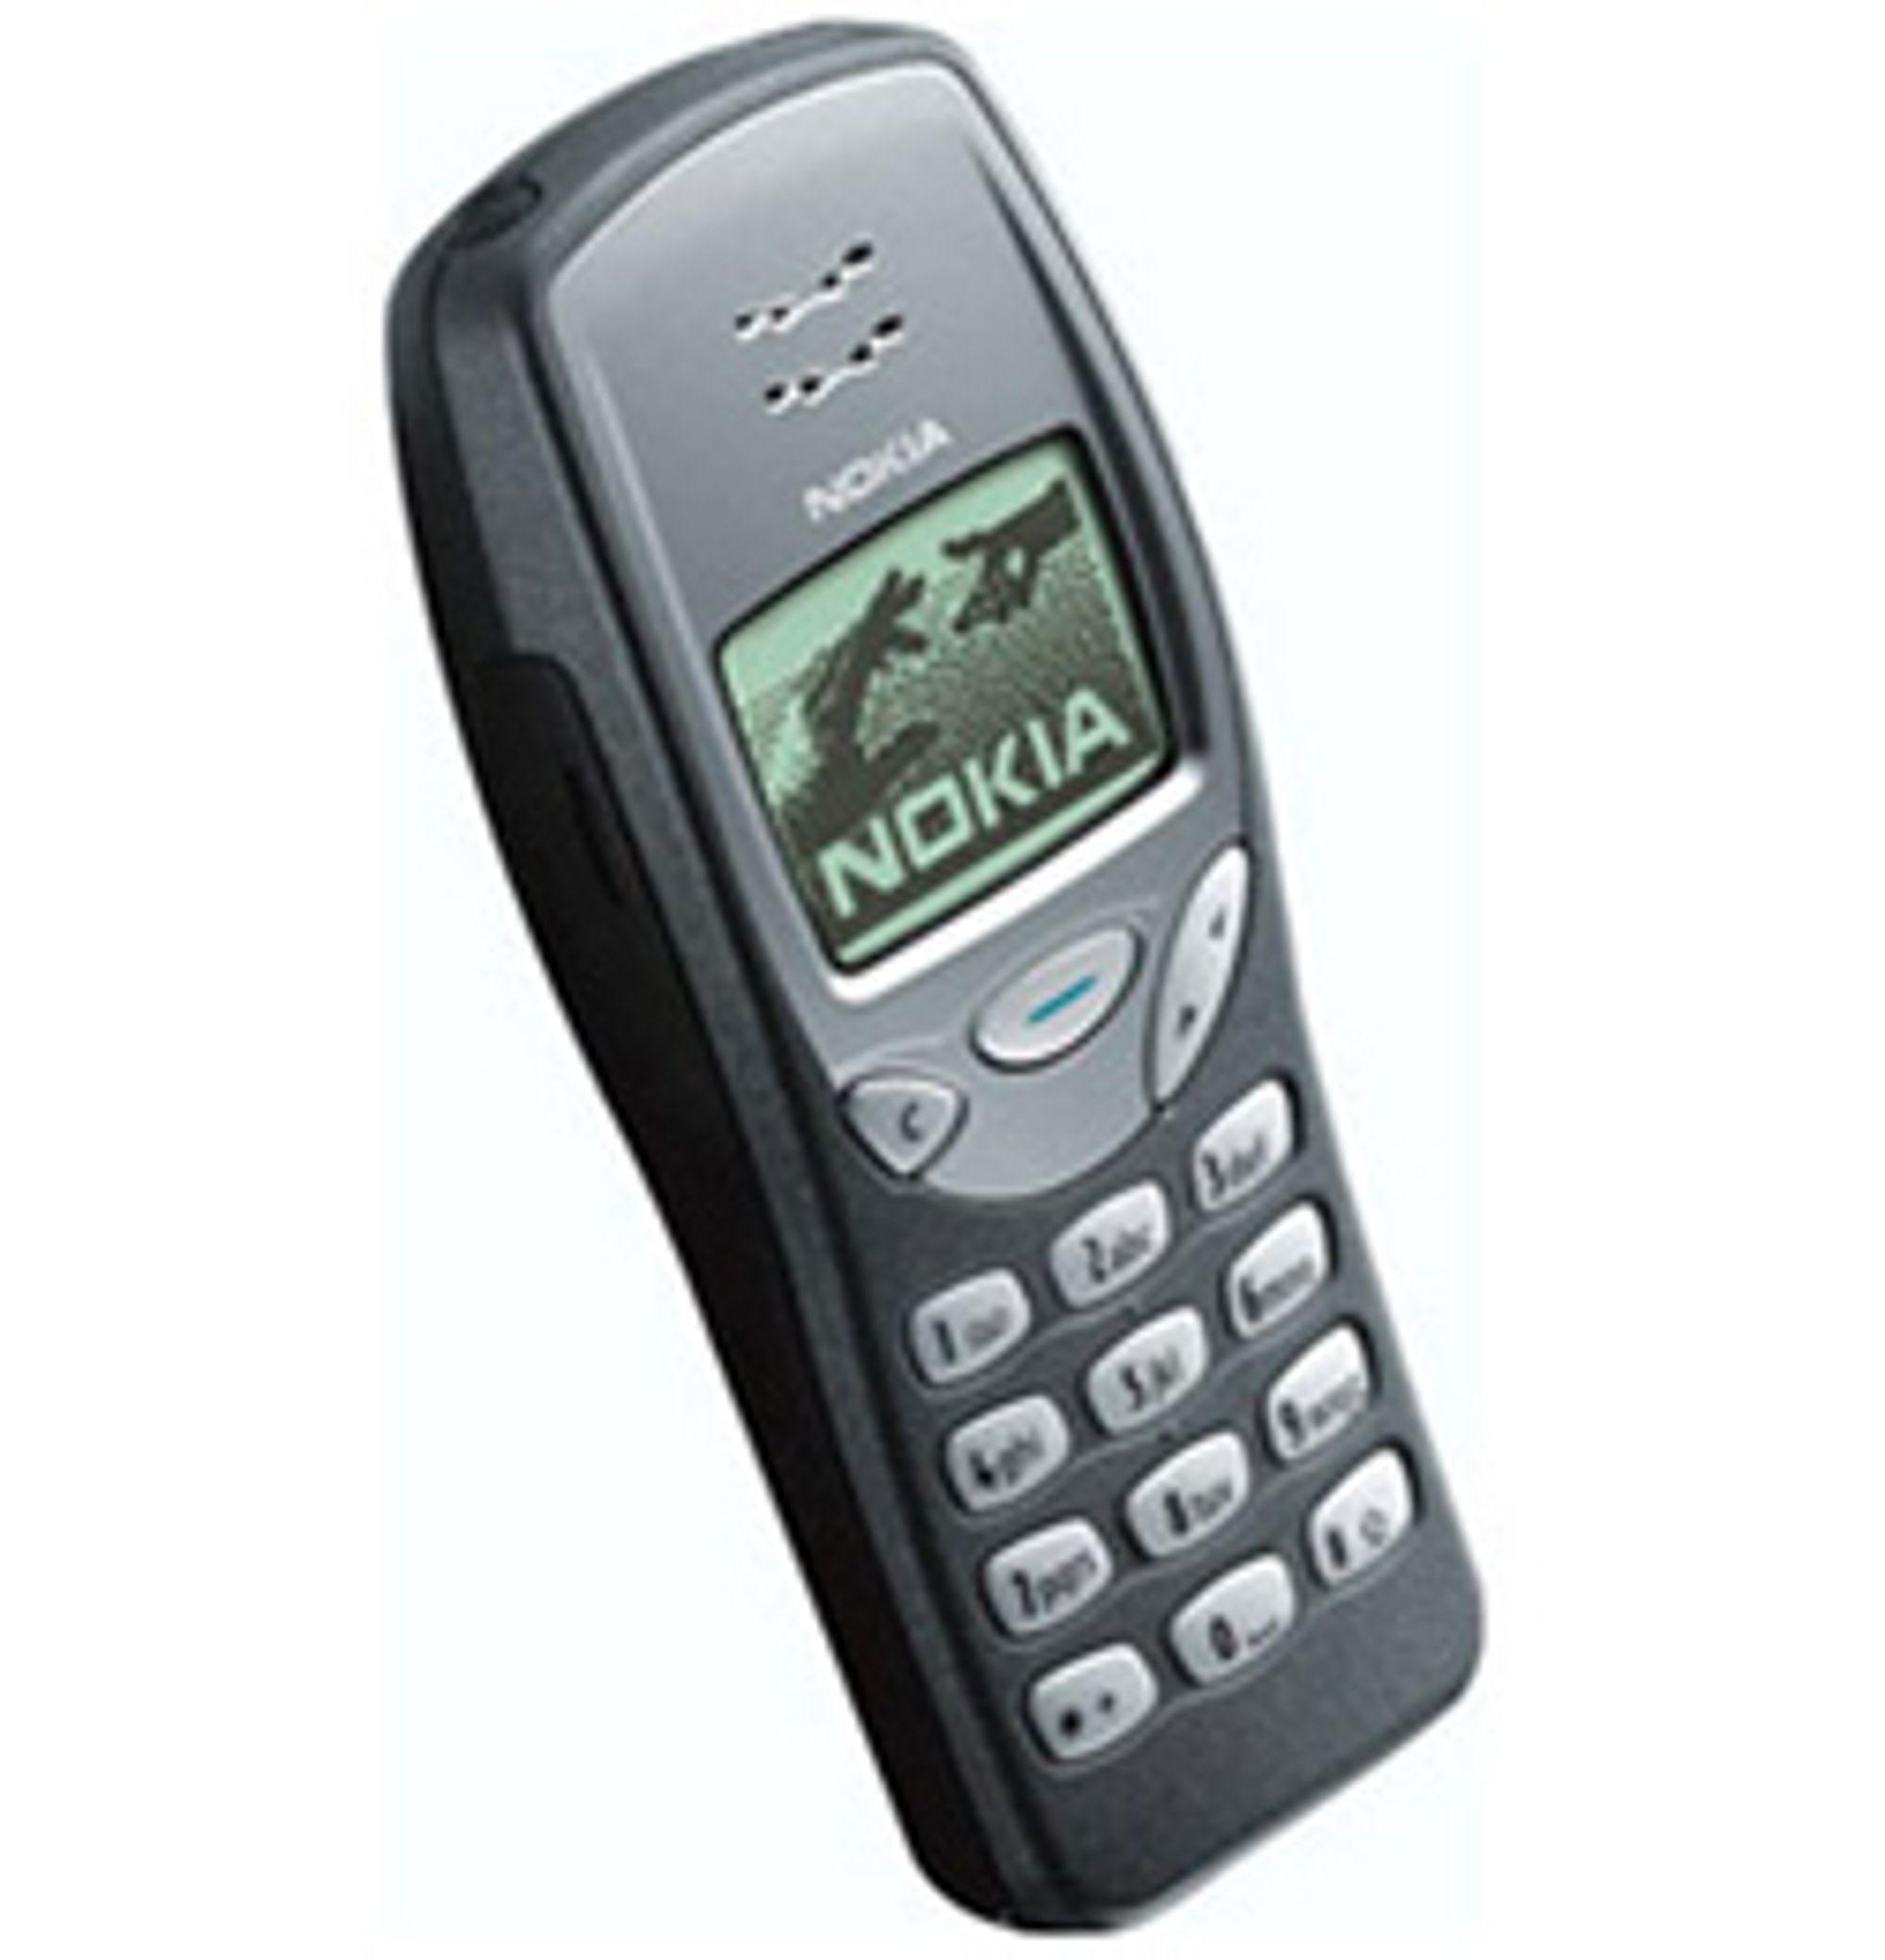 Nokia 3210 var stålgrå og kul.